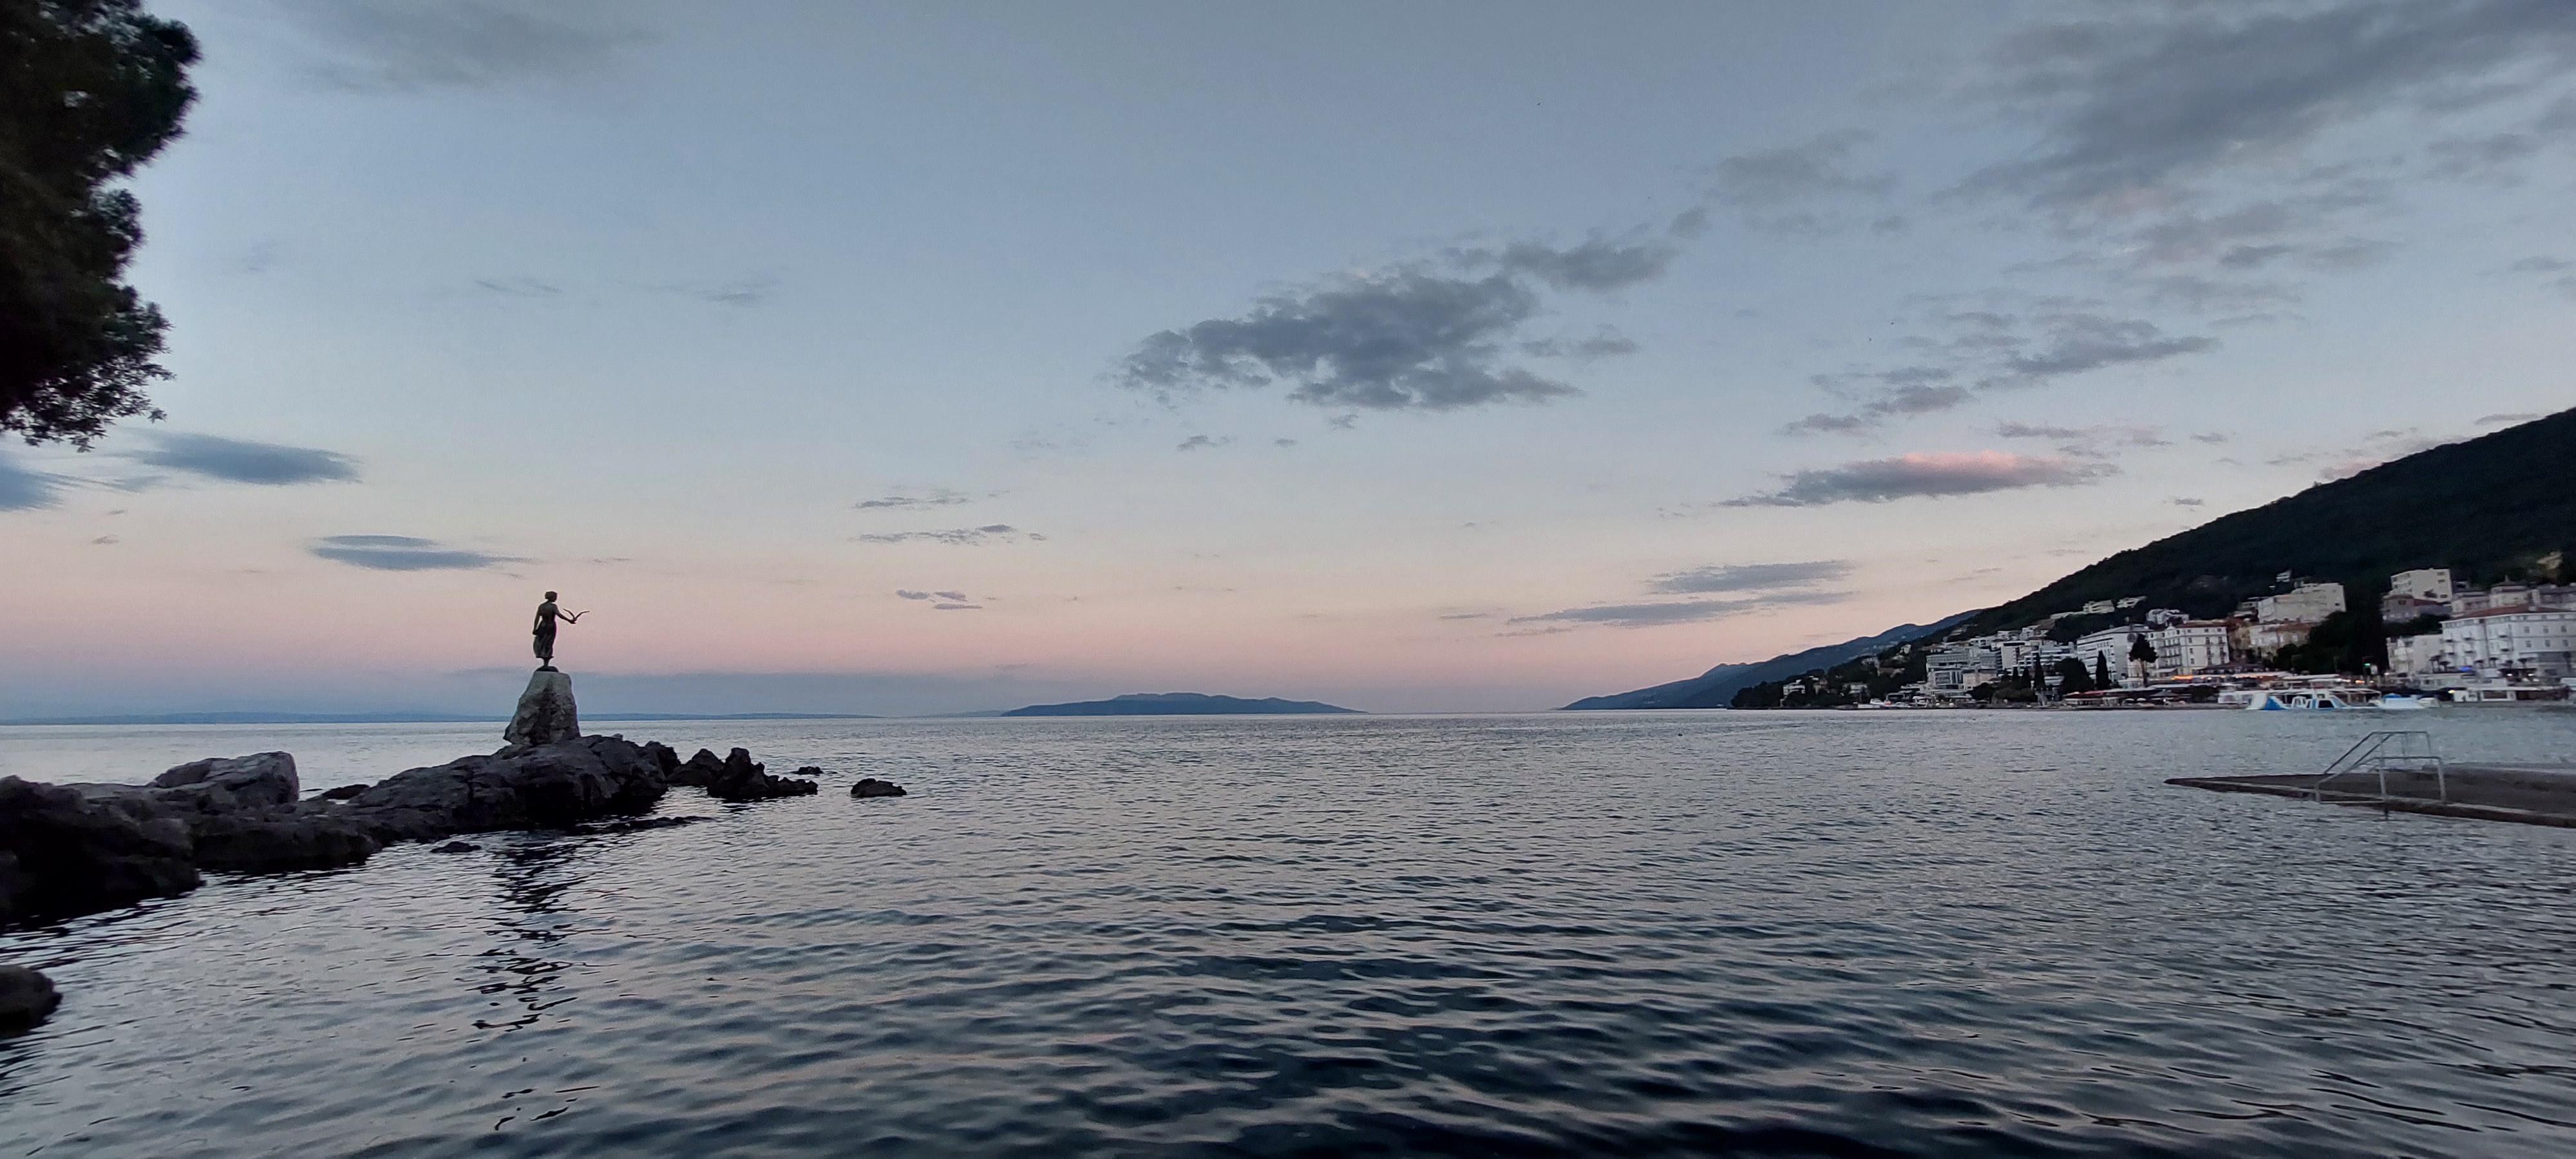 Hrvatska obala više nije zelena na europskoj epidemiološkoj karti